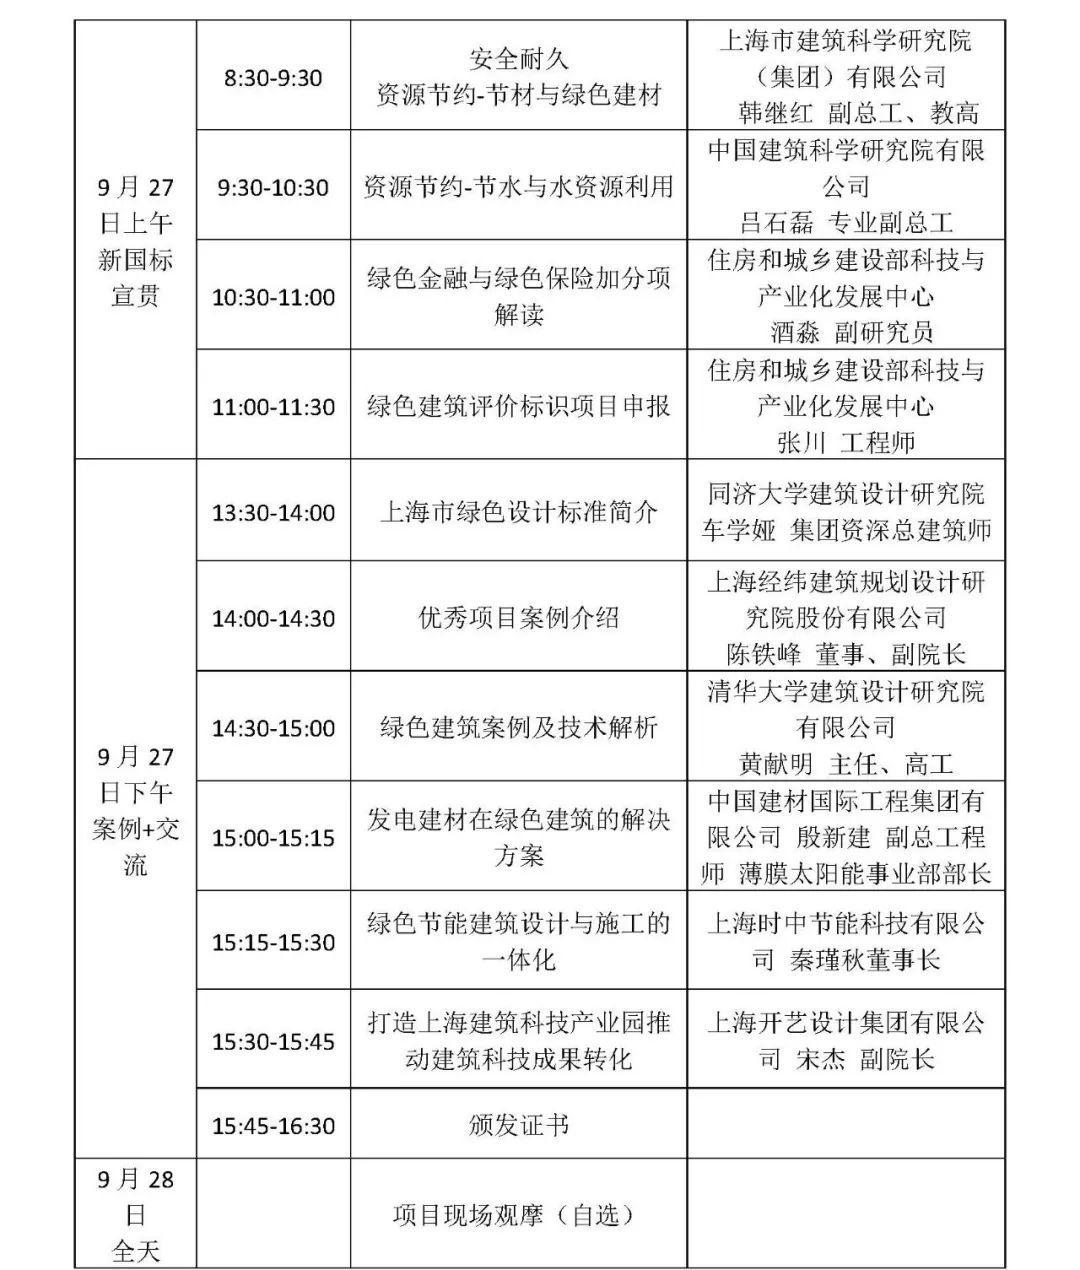 (上海)关于召开国家标准《绿色建筑评价标准》(GB/T 50378-2019)长三角地区宣贯培训班的通知